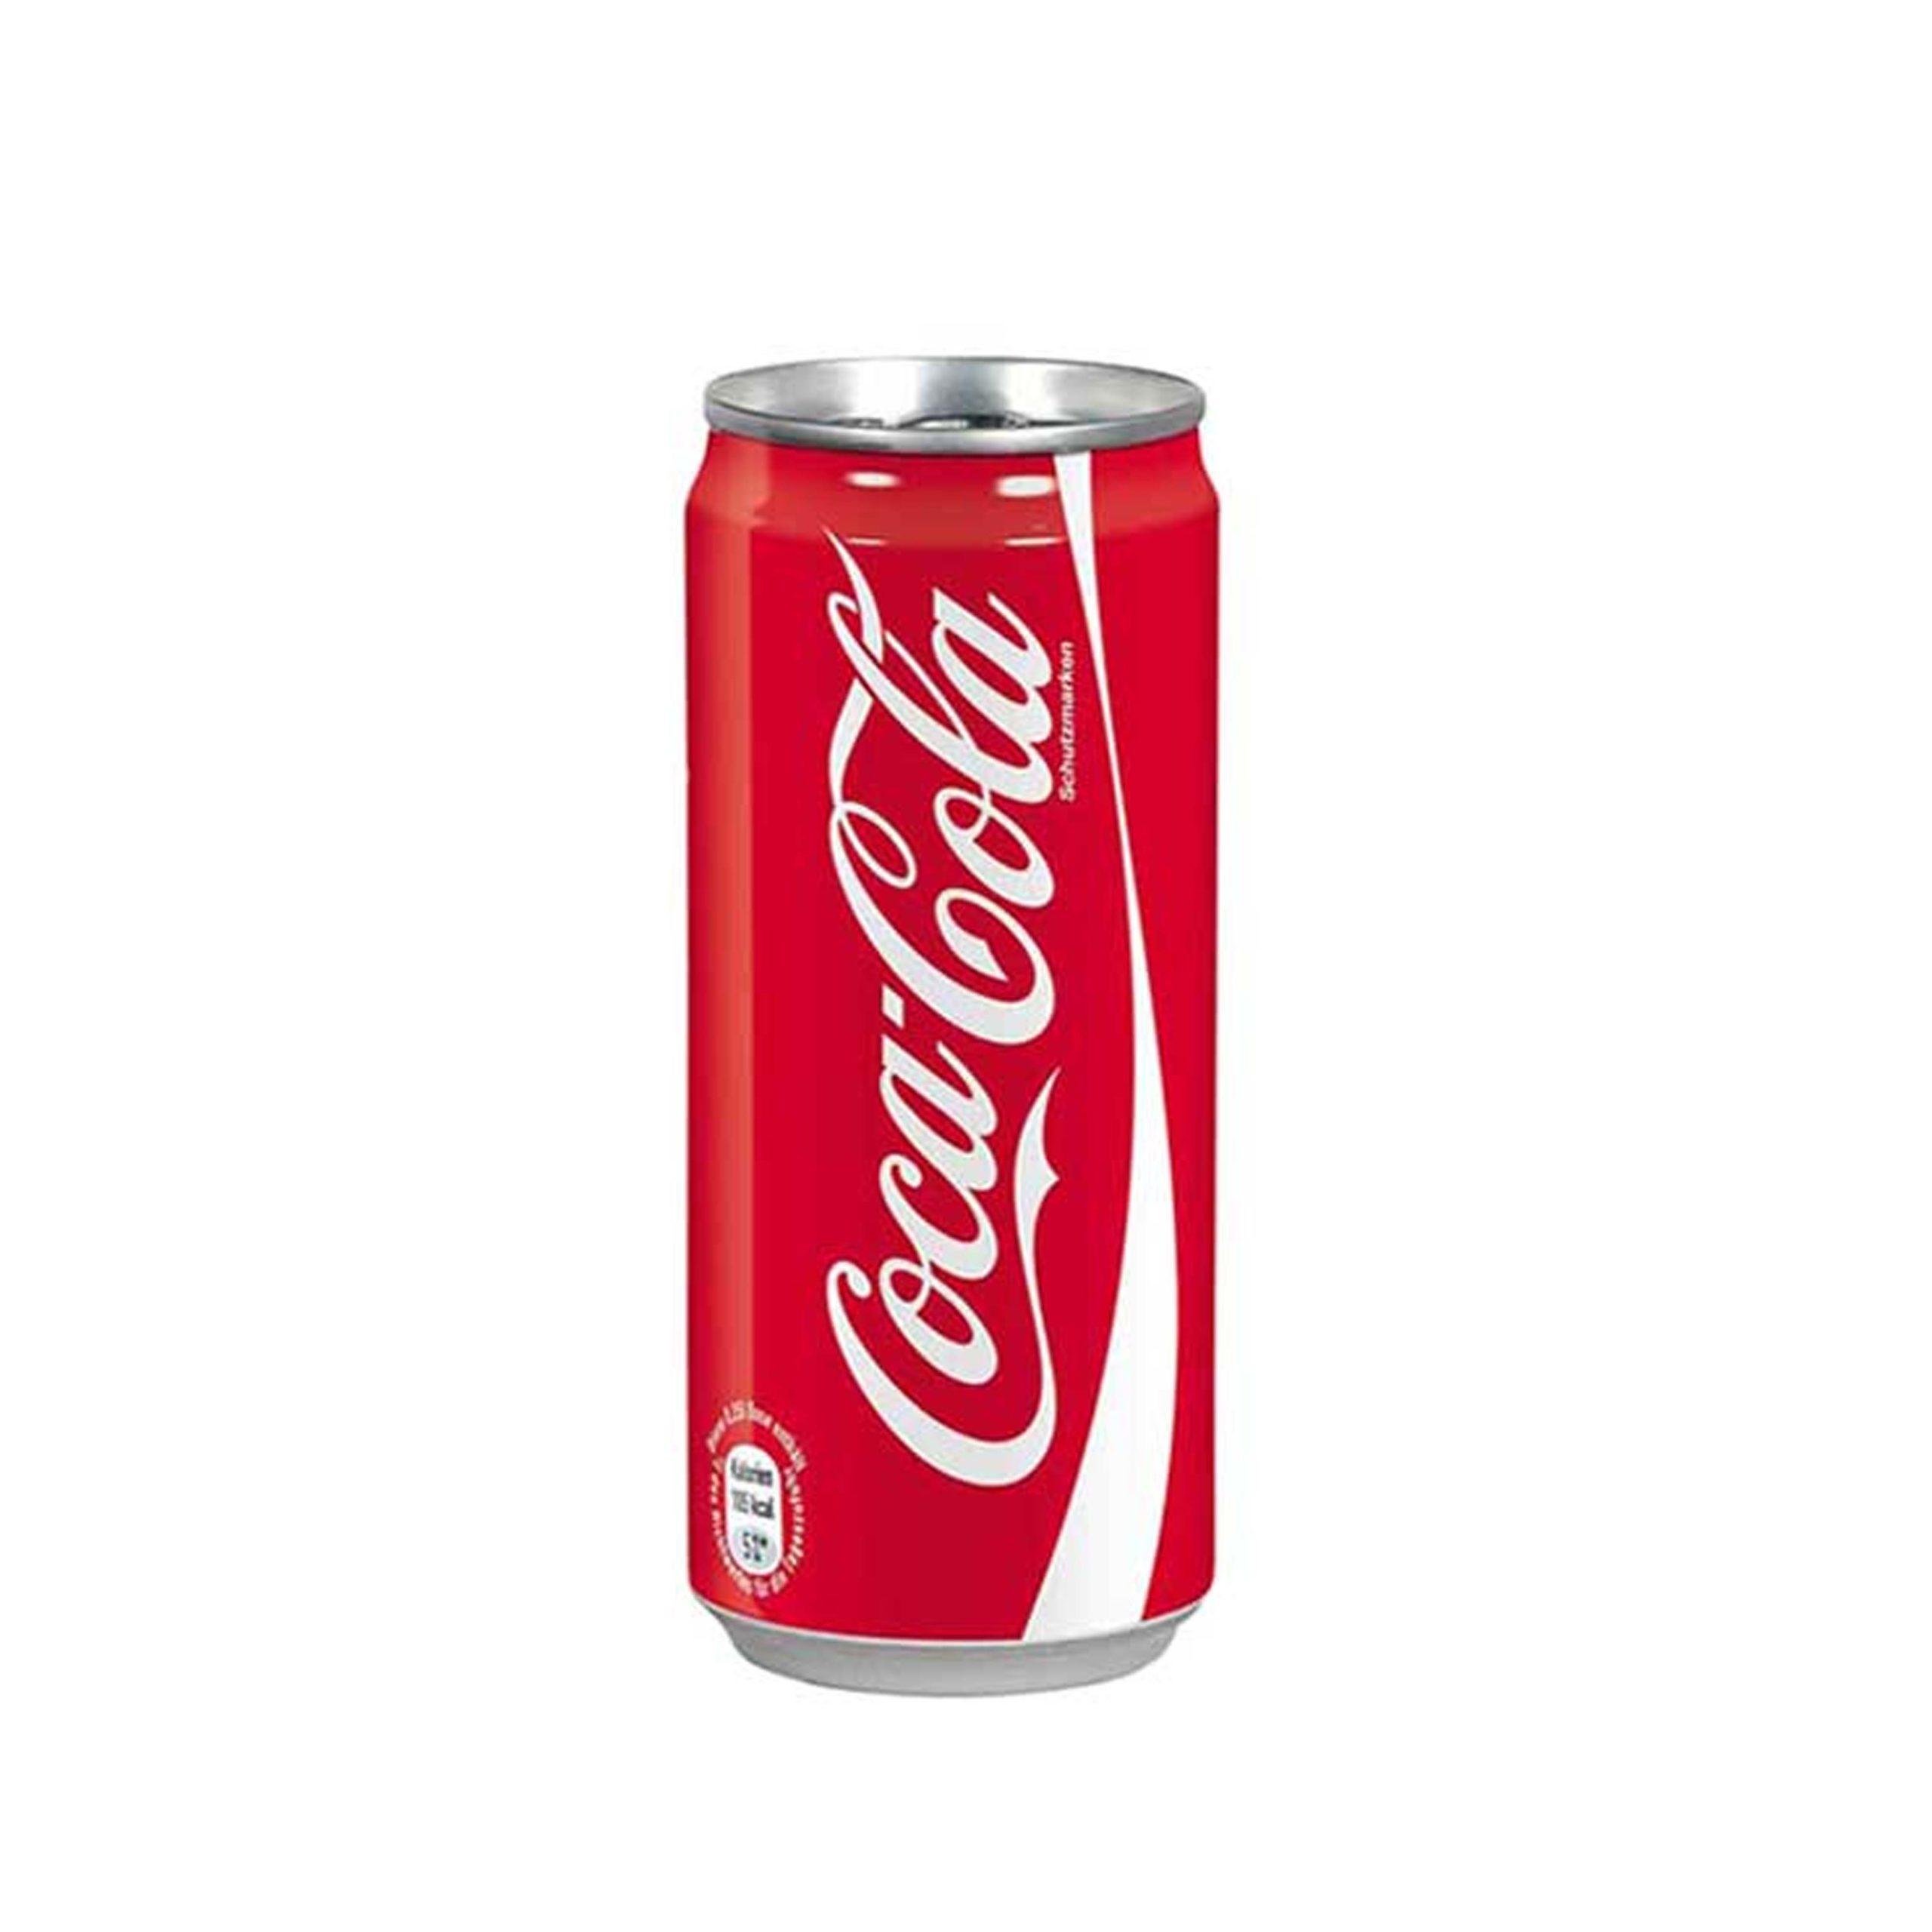 COCA-COLA REGULAR CAN 300ML